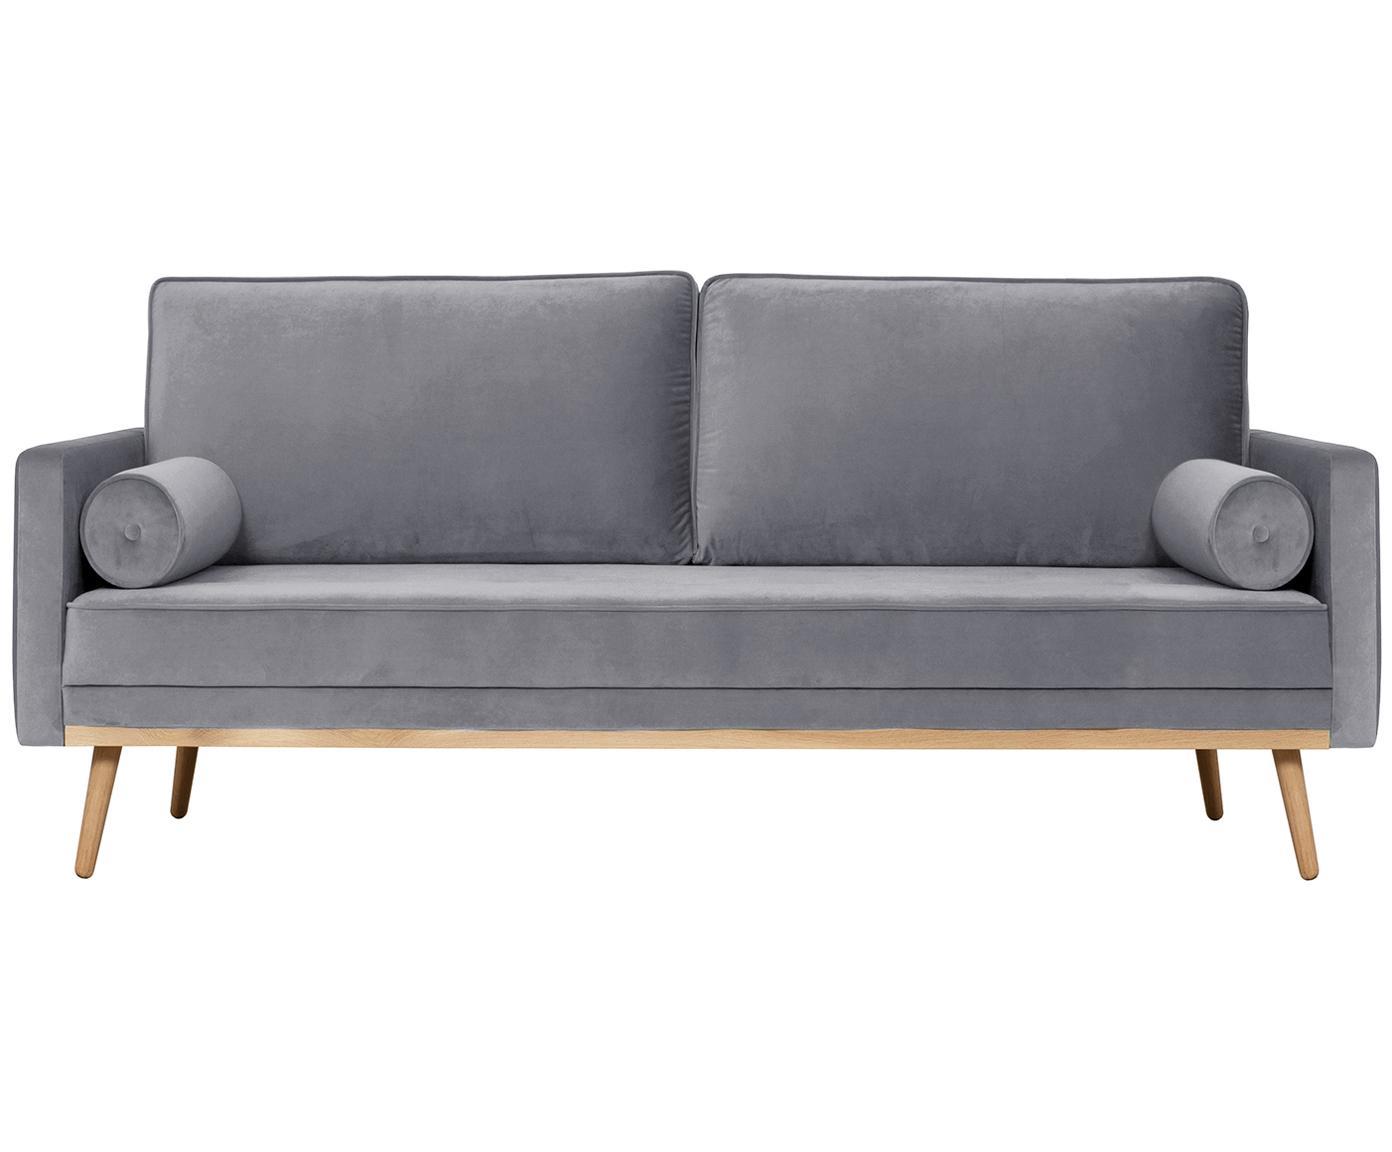 Sofa z aksamitu Saint (3-osobowa), Tapicerka: aksamit (poliester) 3500, Stelaż: lite drewno dębowe, płyta, Szary, S 210 x G 93 cm